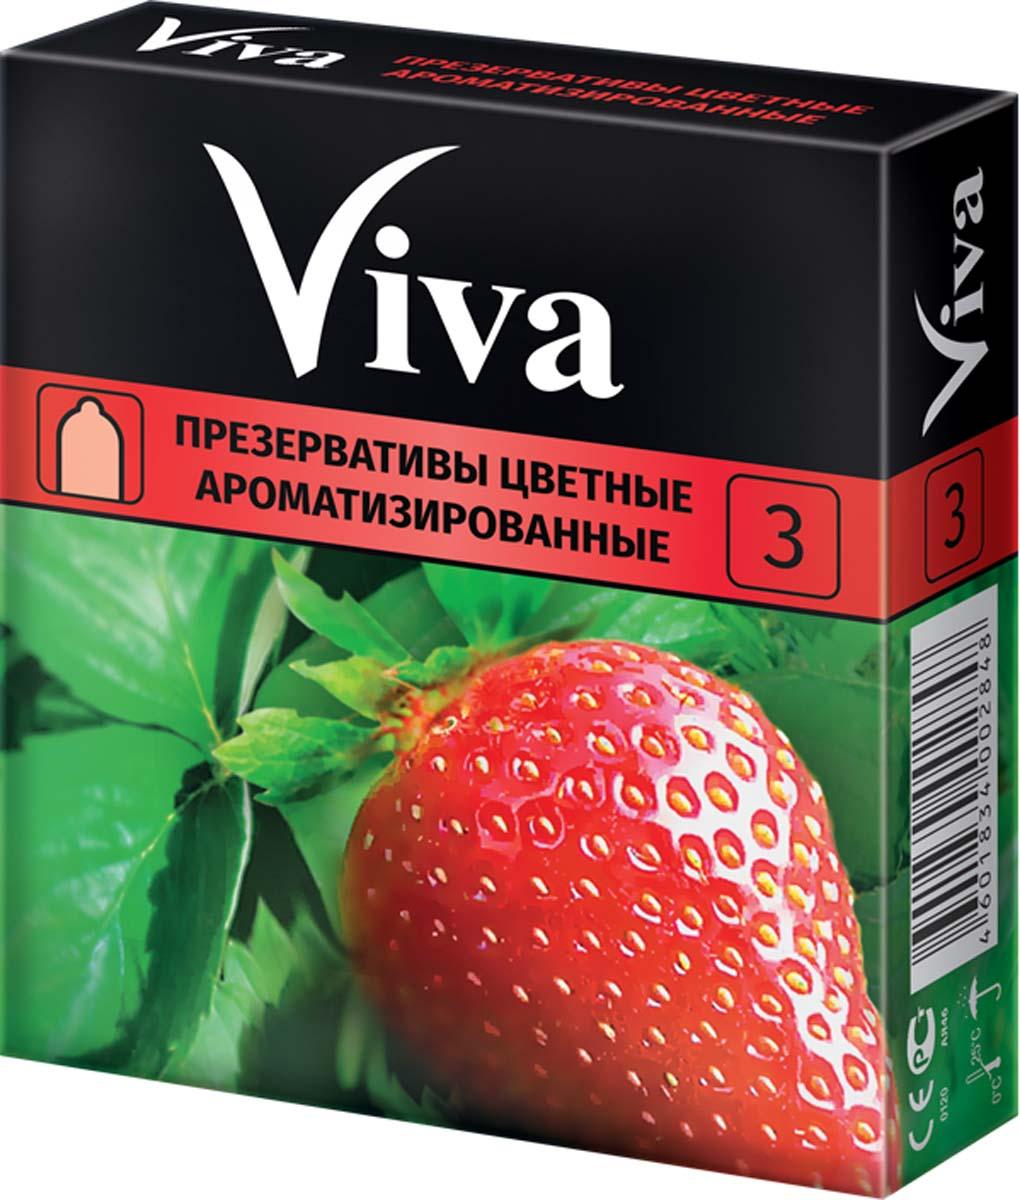 VIVA Презервативы Цветные ароматизированные, 3 шт sico презервативы color цветные ароматизированные 3 шт